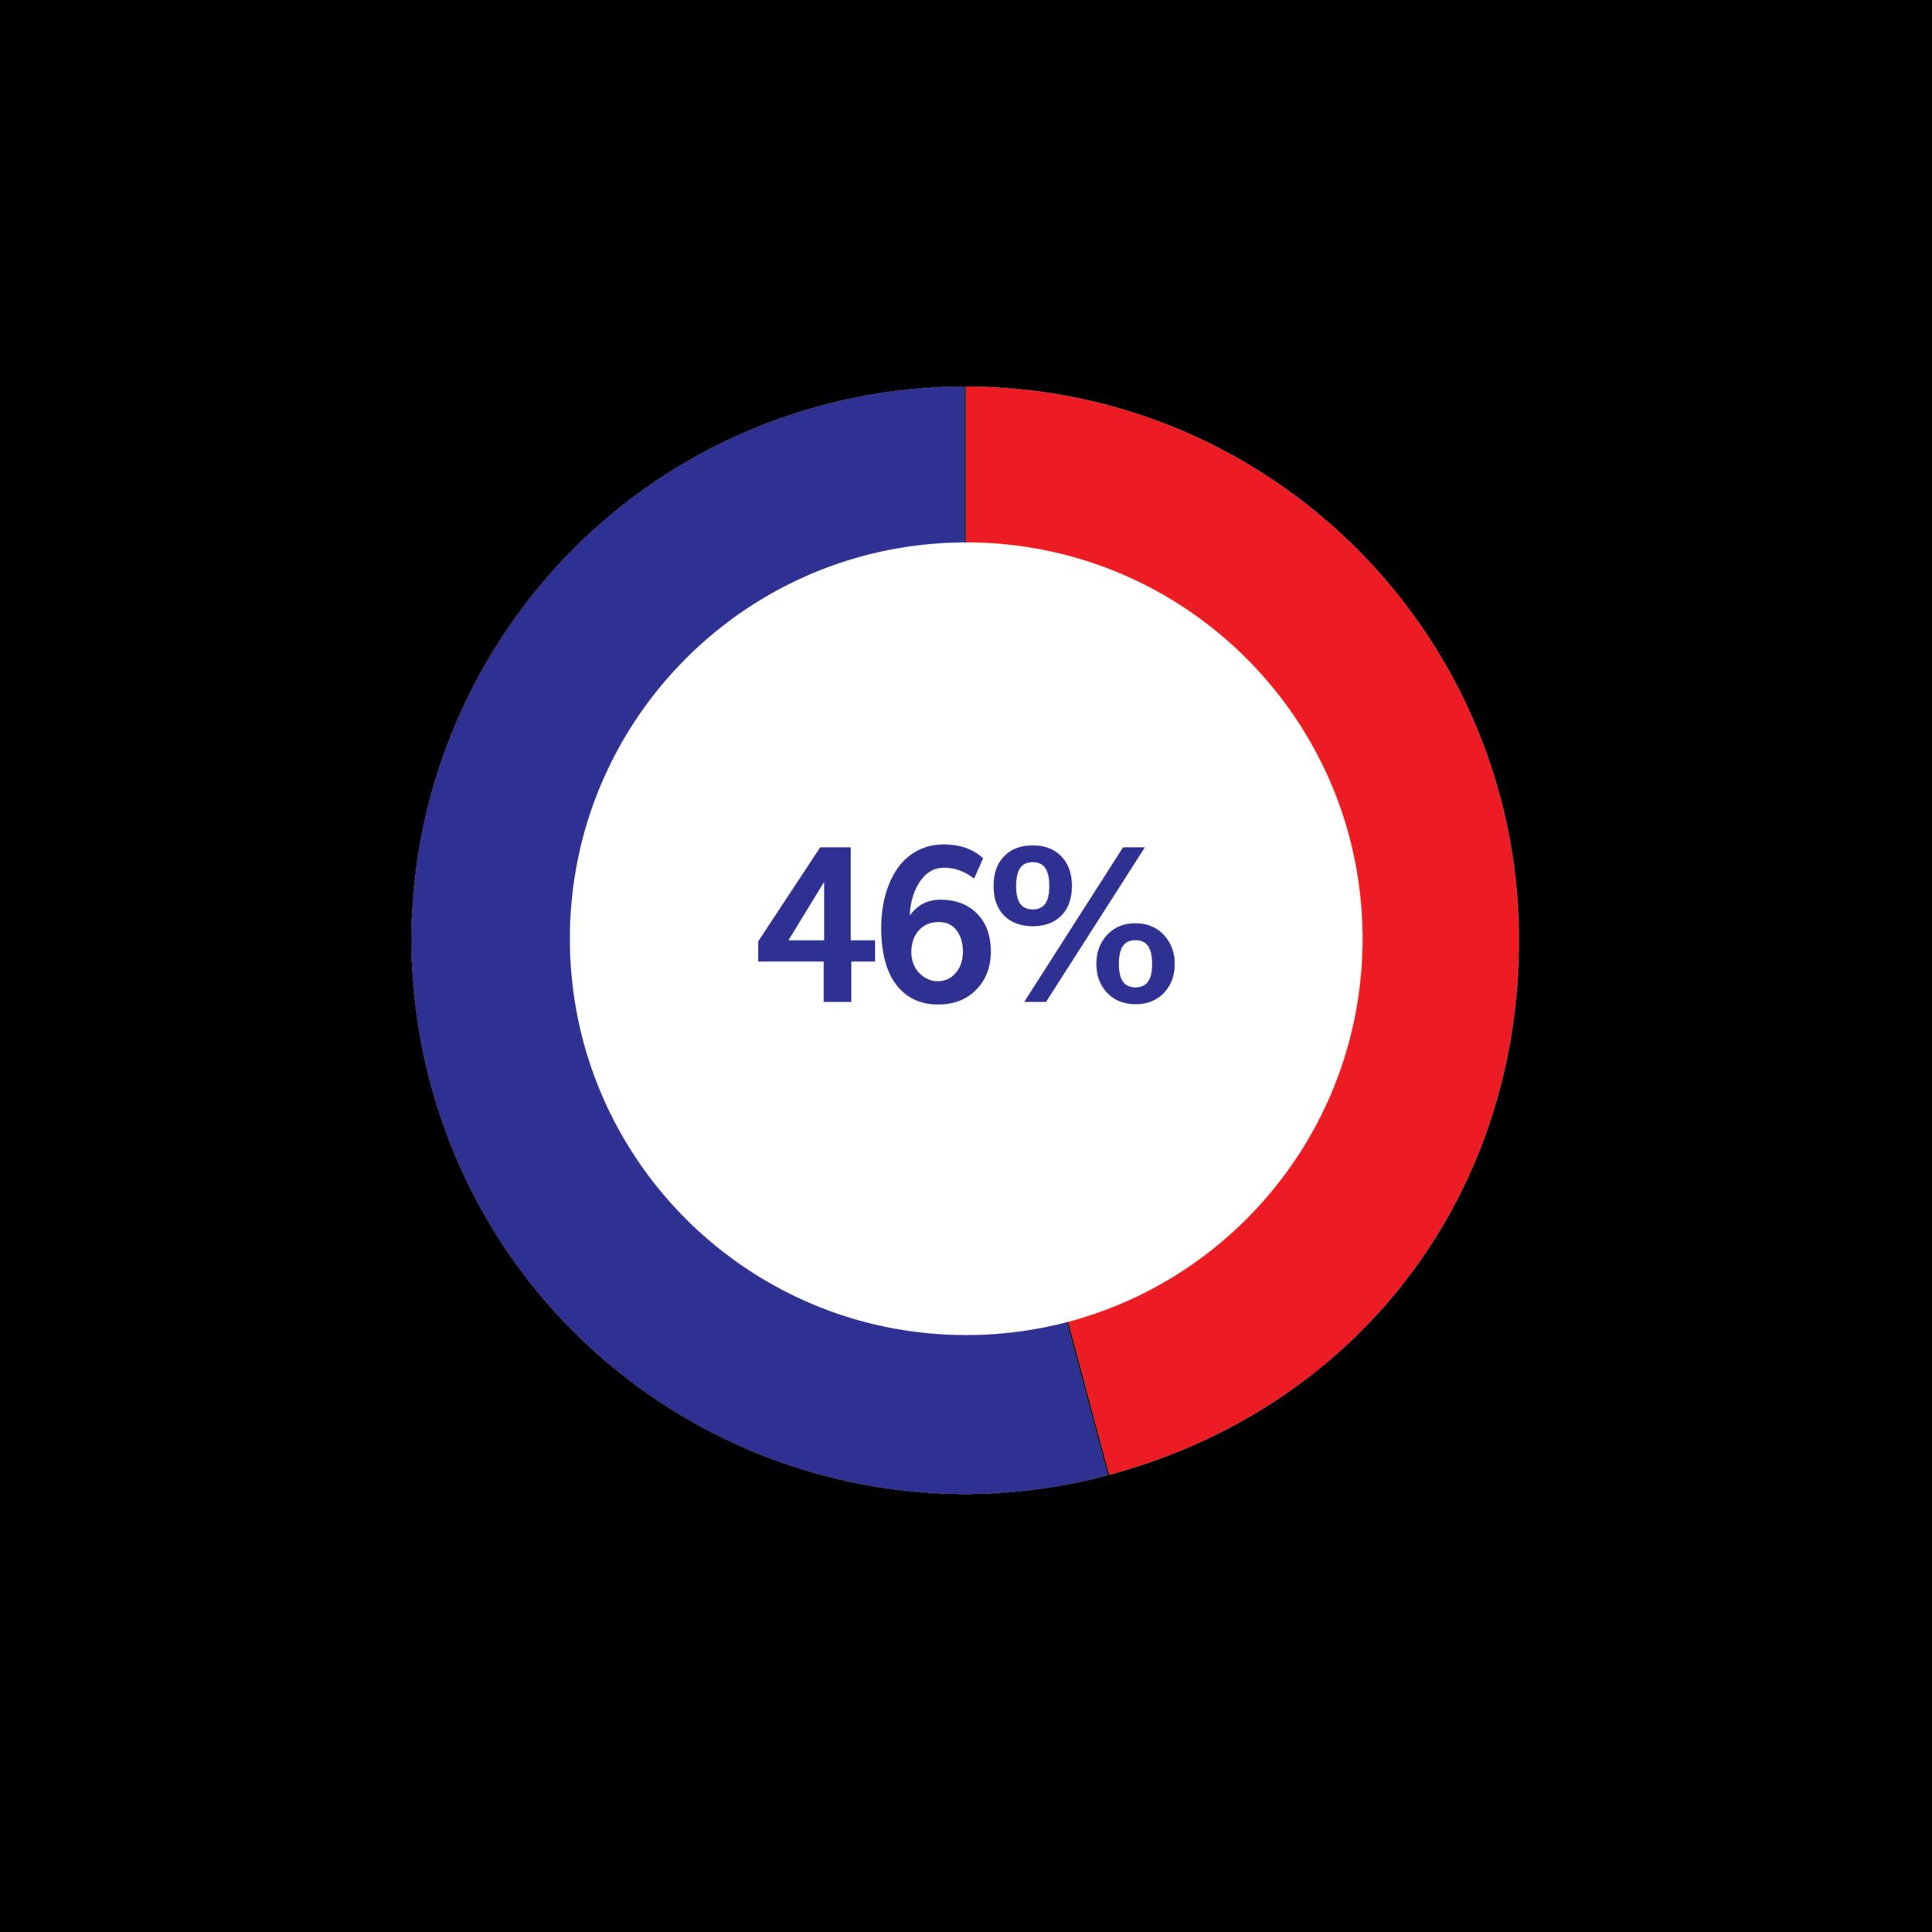 46 percent-02.png